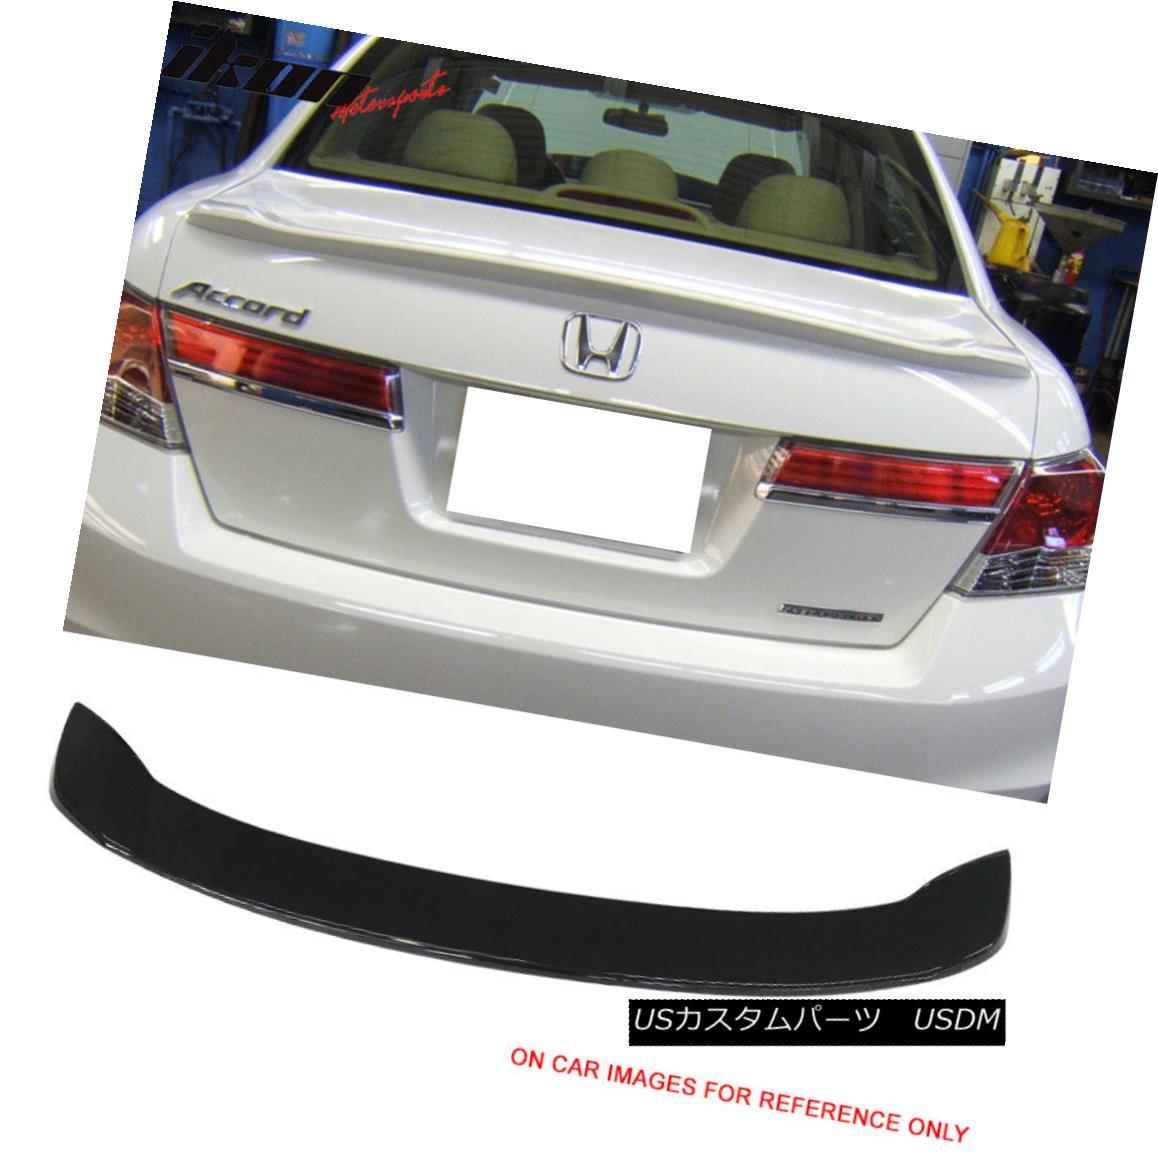 エアロパーツ Fits 08-12 Honda Accord Sedan Factory Style Trunk Spoiler Painted #NH731P Black フィット08-12ホンダアコードセダンファクトリースタイルトランクスポイラー#NH731Pブラック